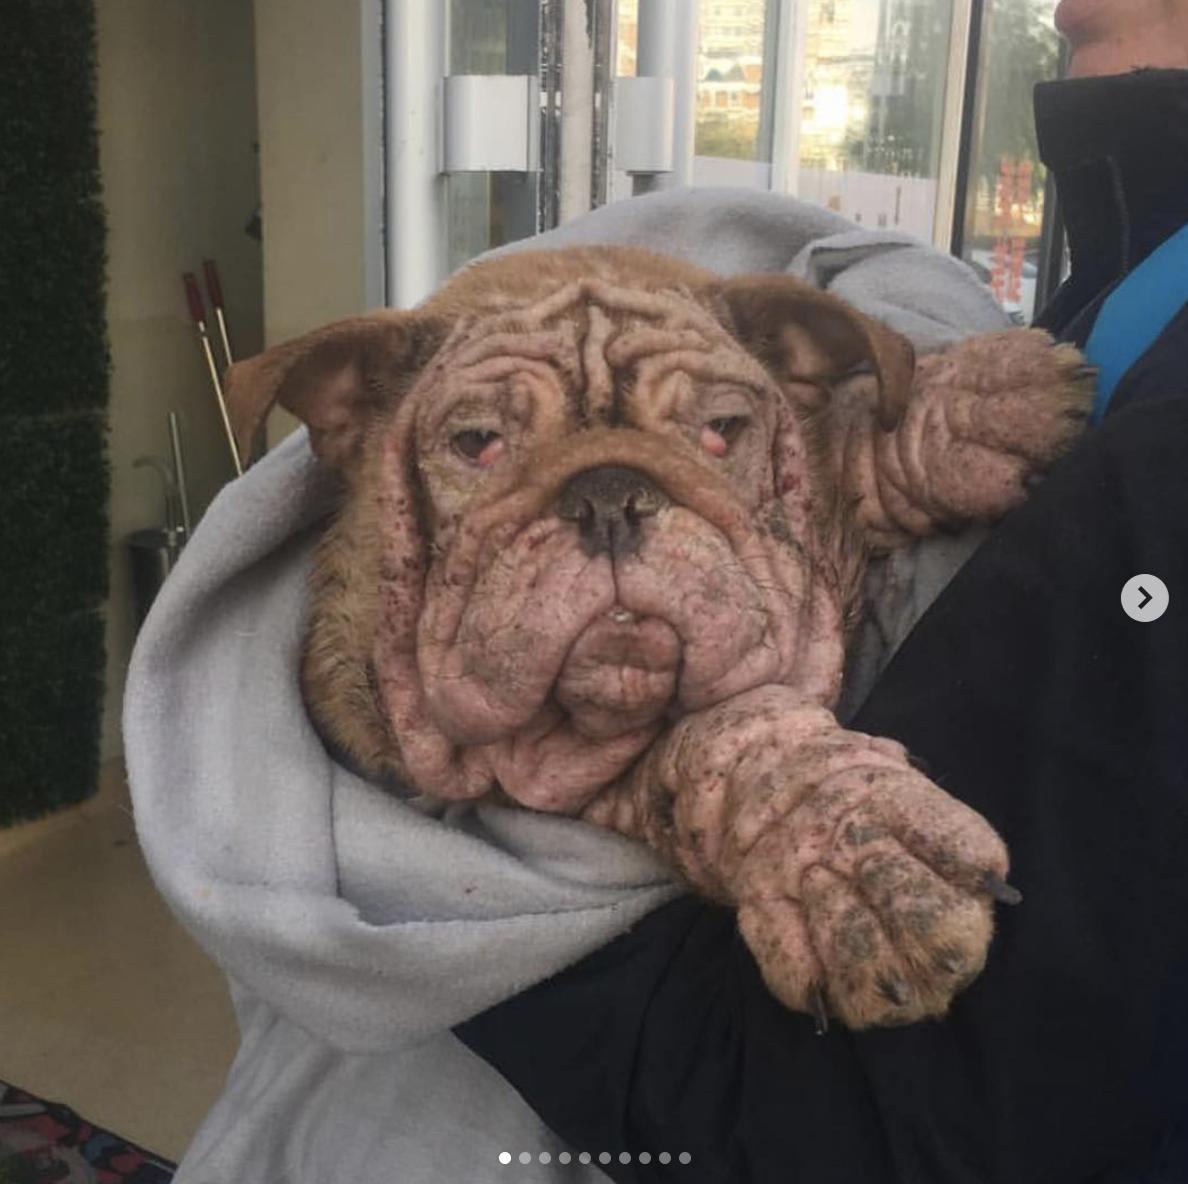 Dogilike.com :: ชีวิตใหม่ของ �พัมกิ้น� บูลด็อกที่อยู่รอดริมถนนโดยการกินใบไม้